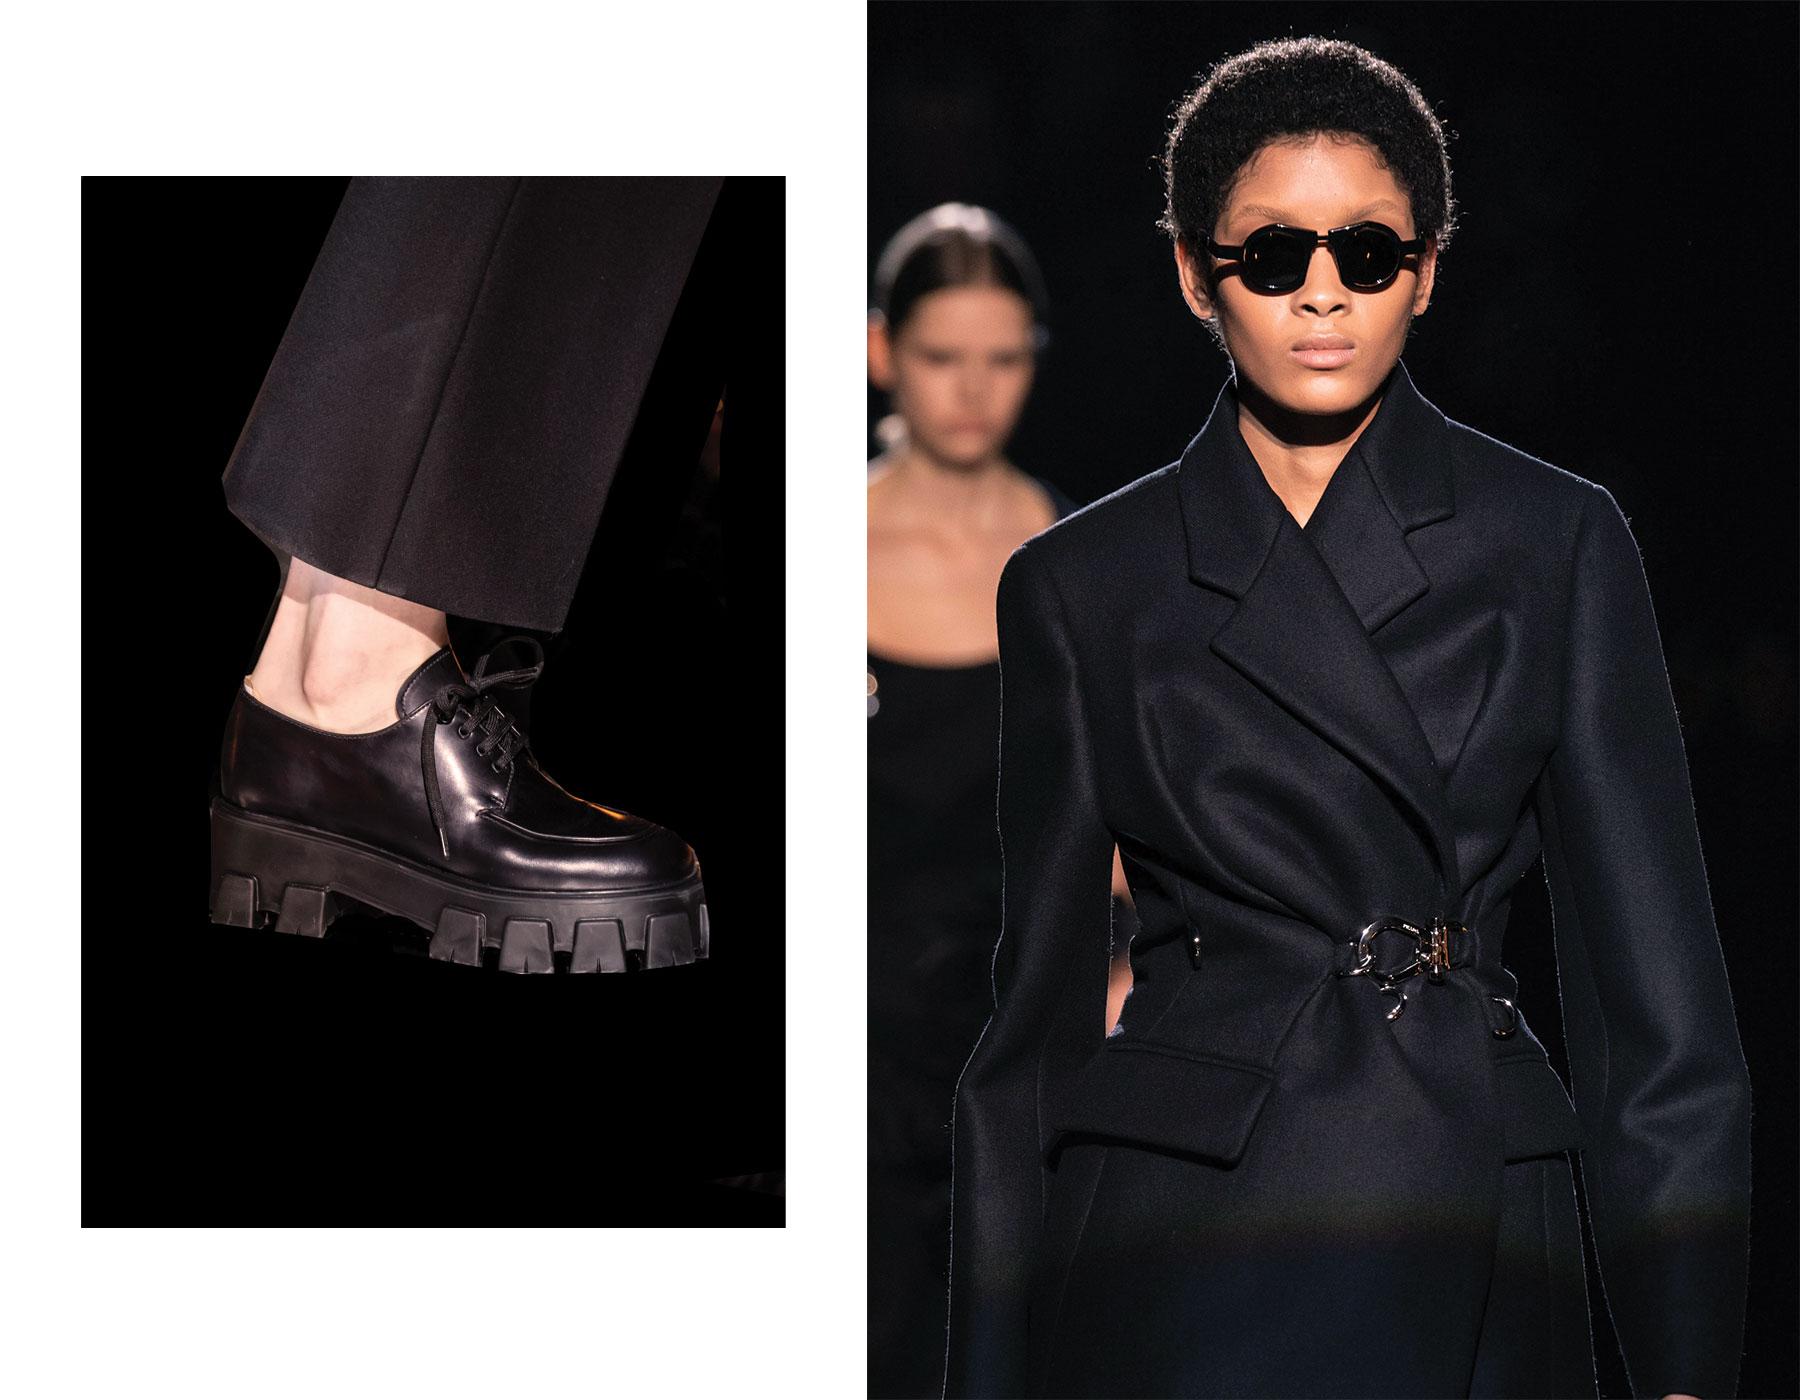 Milan-Fashion-Week-Max-Mara-19-Runway-Show-Oracle-Fox-11